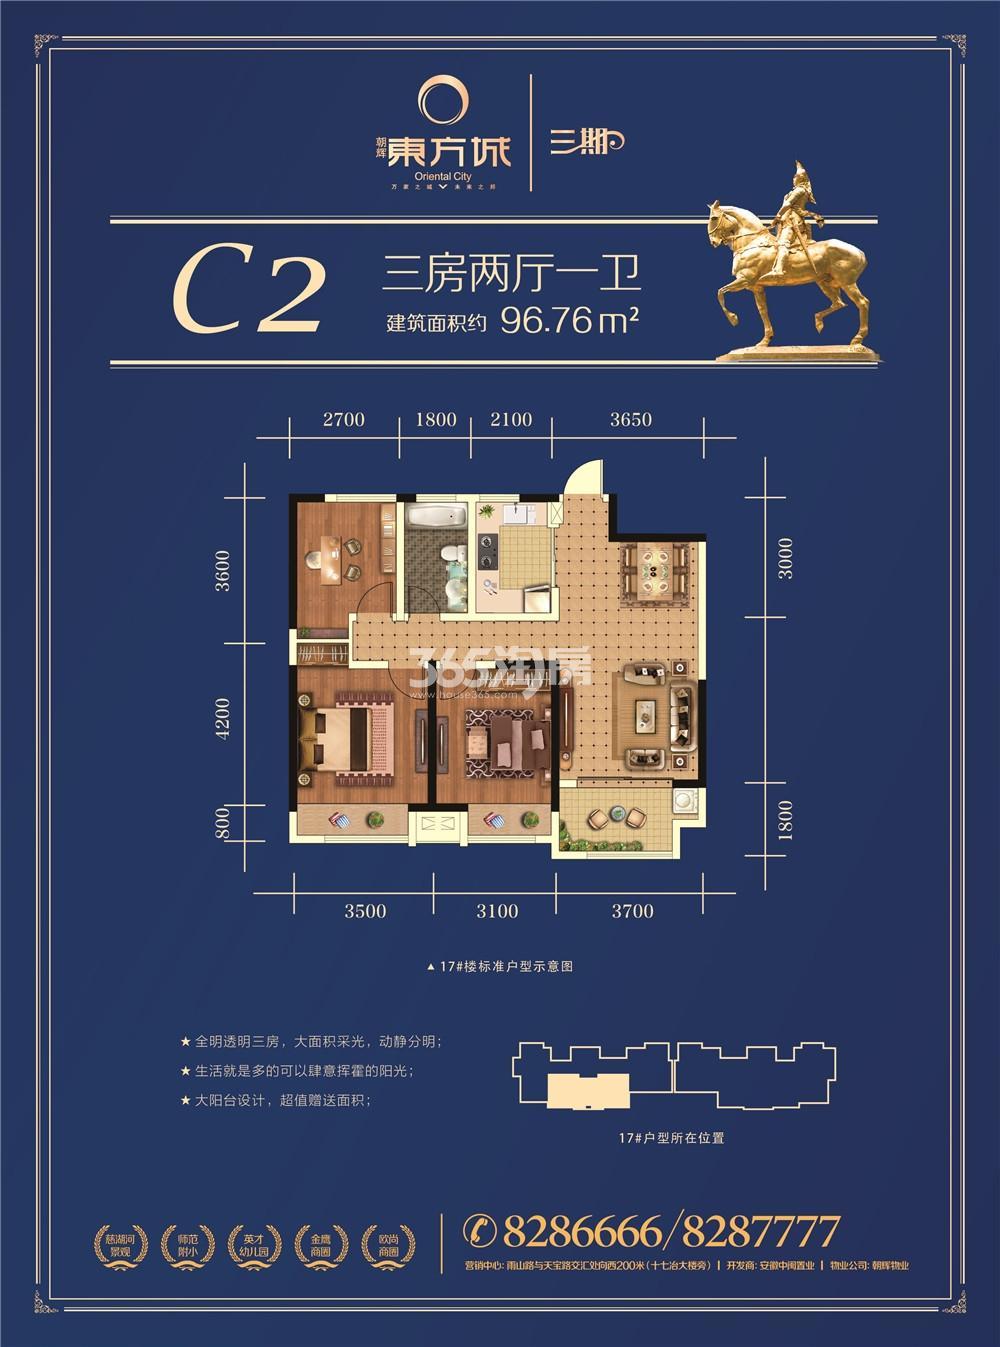 朝辉东方城三期C2户型图